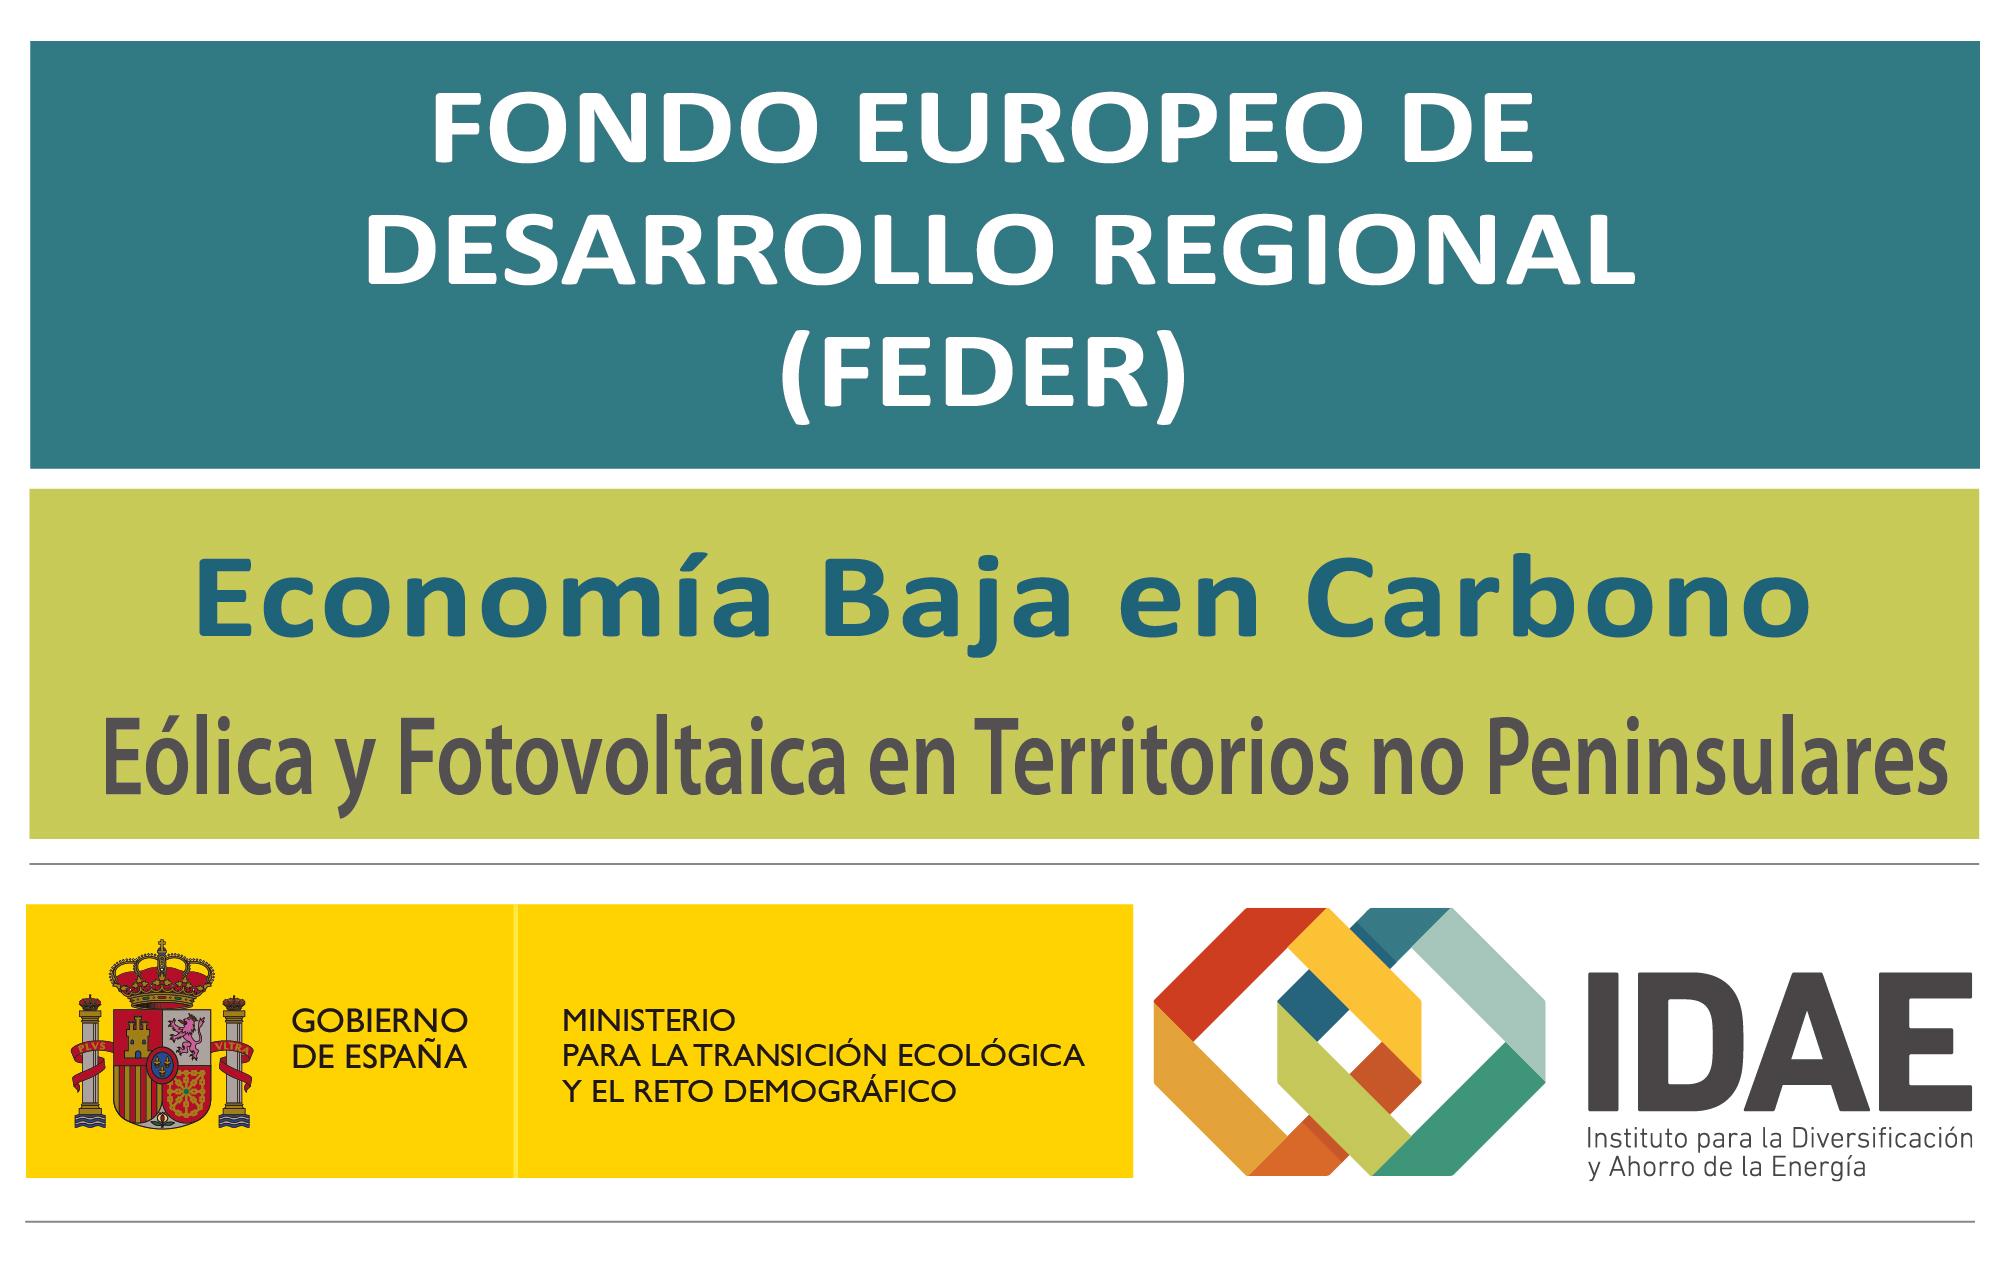 Logo Fondo Europeo de Desarrollo Regional. Economía Baja en Carbono - Eólica y Fotovoltaica en Territorios no Peninsulares